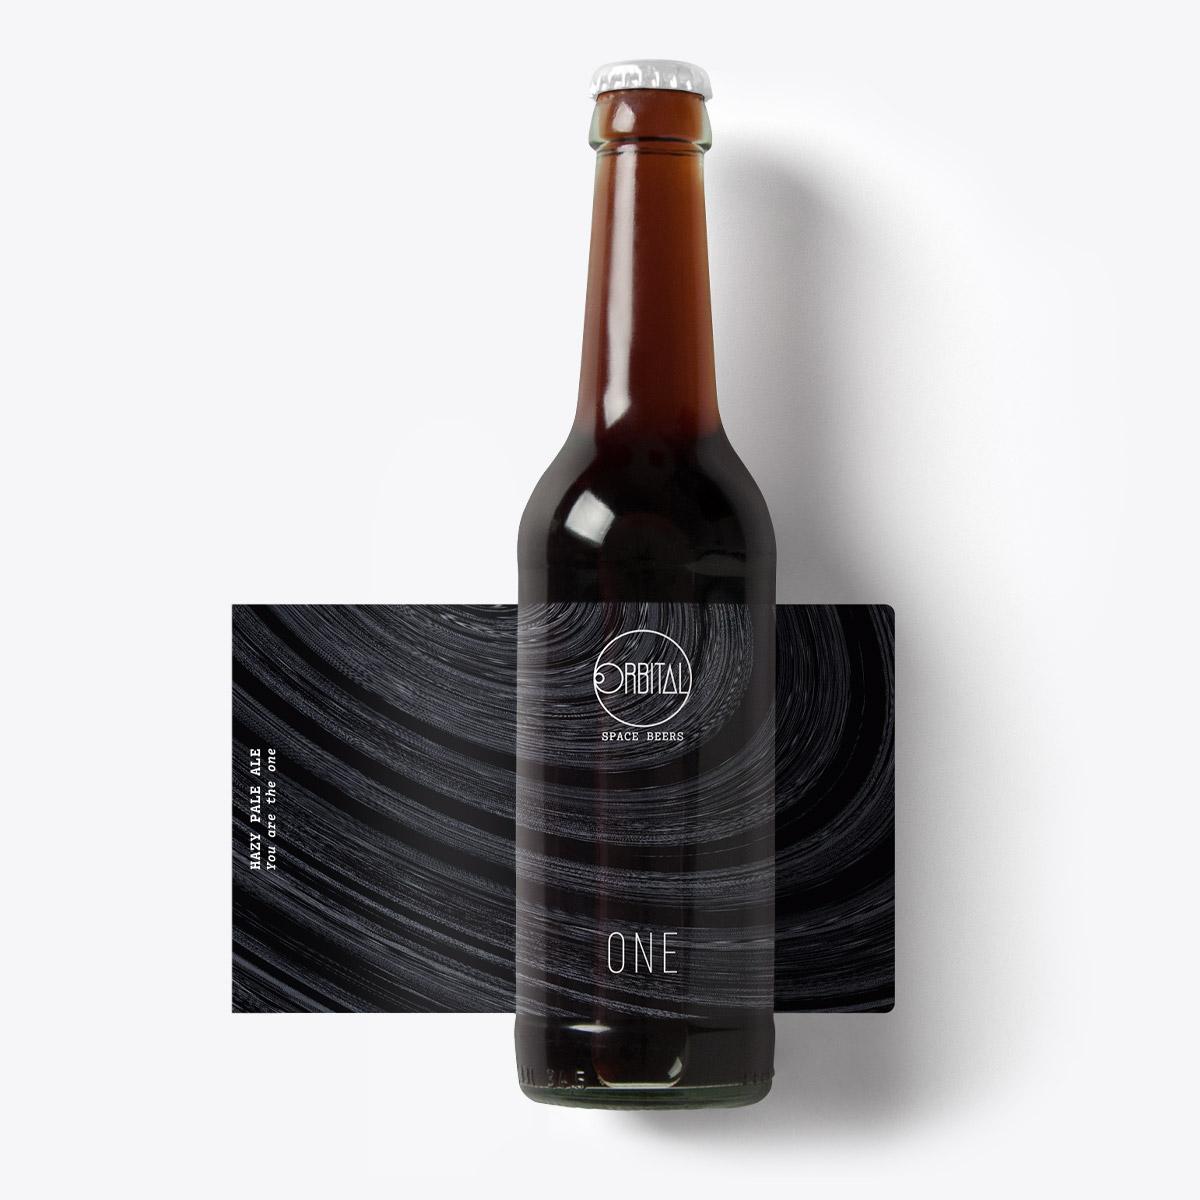 Orbital Space Beers - One